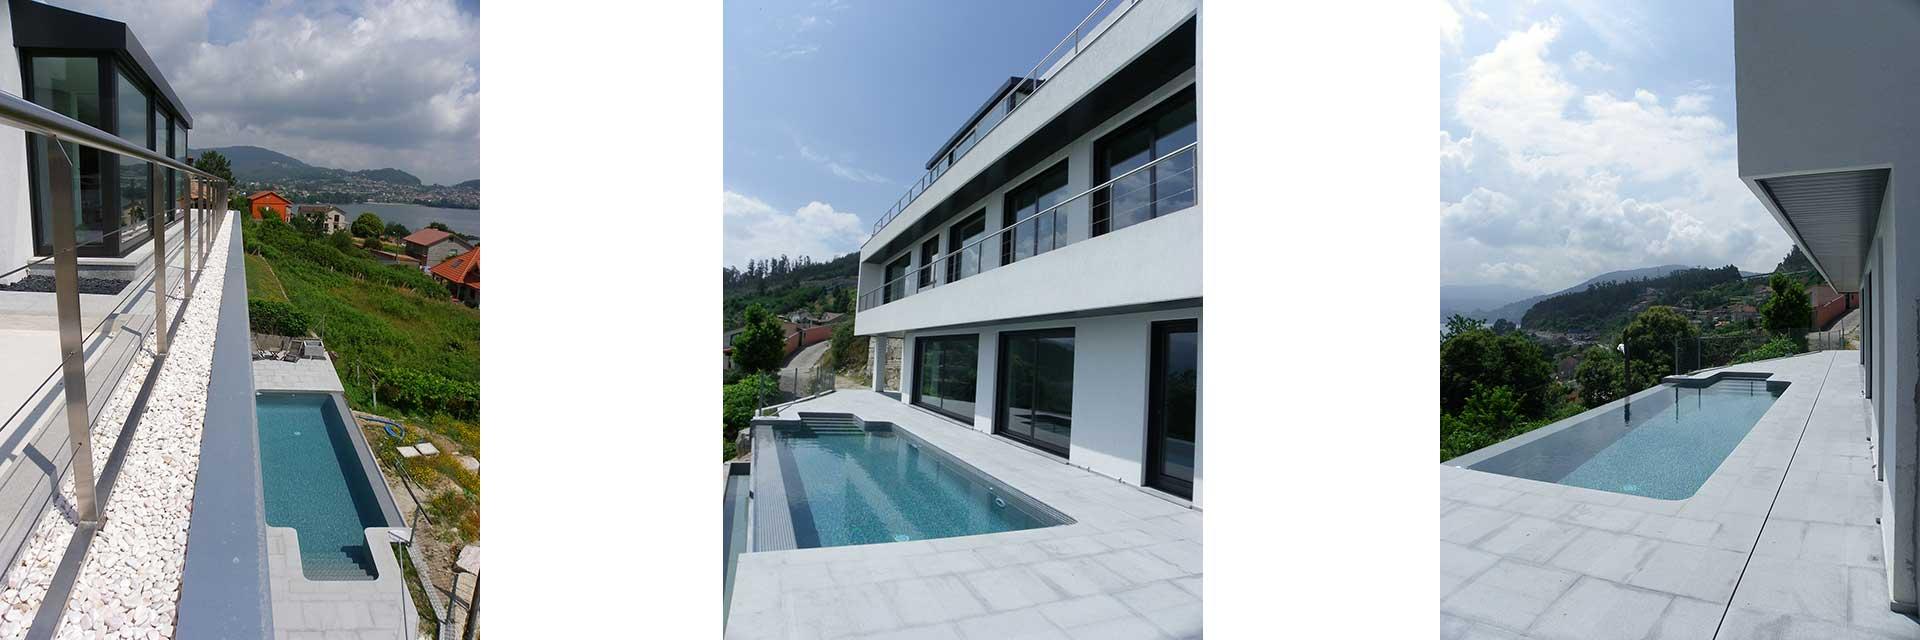 piscinas-casas